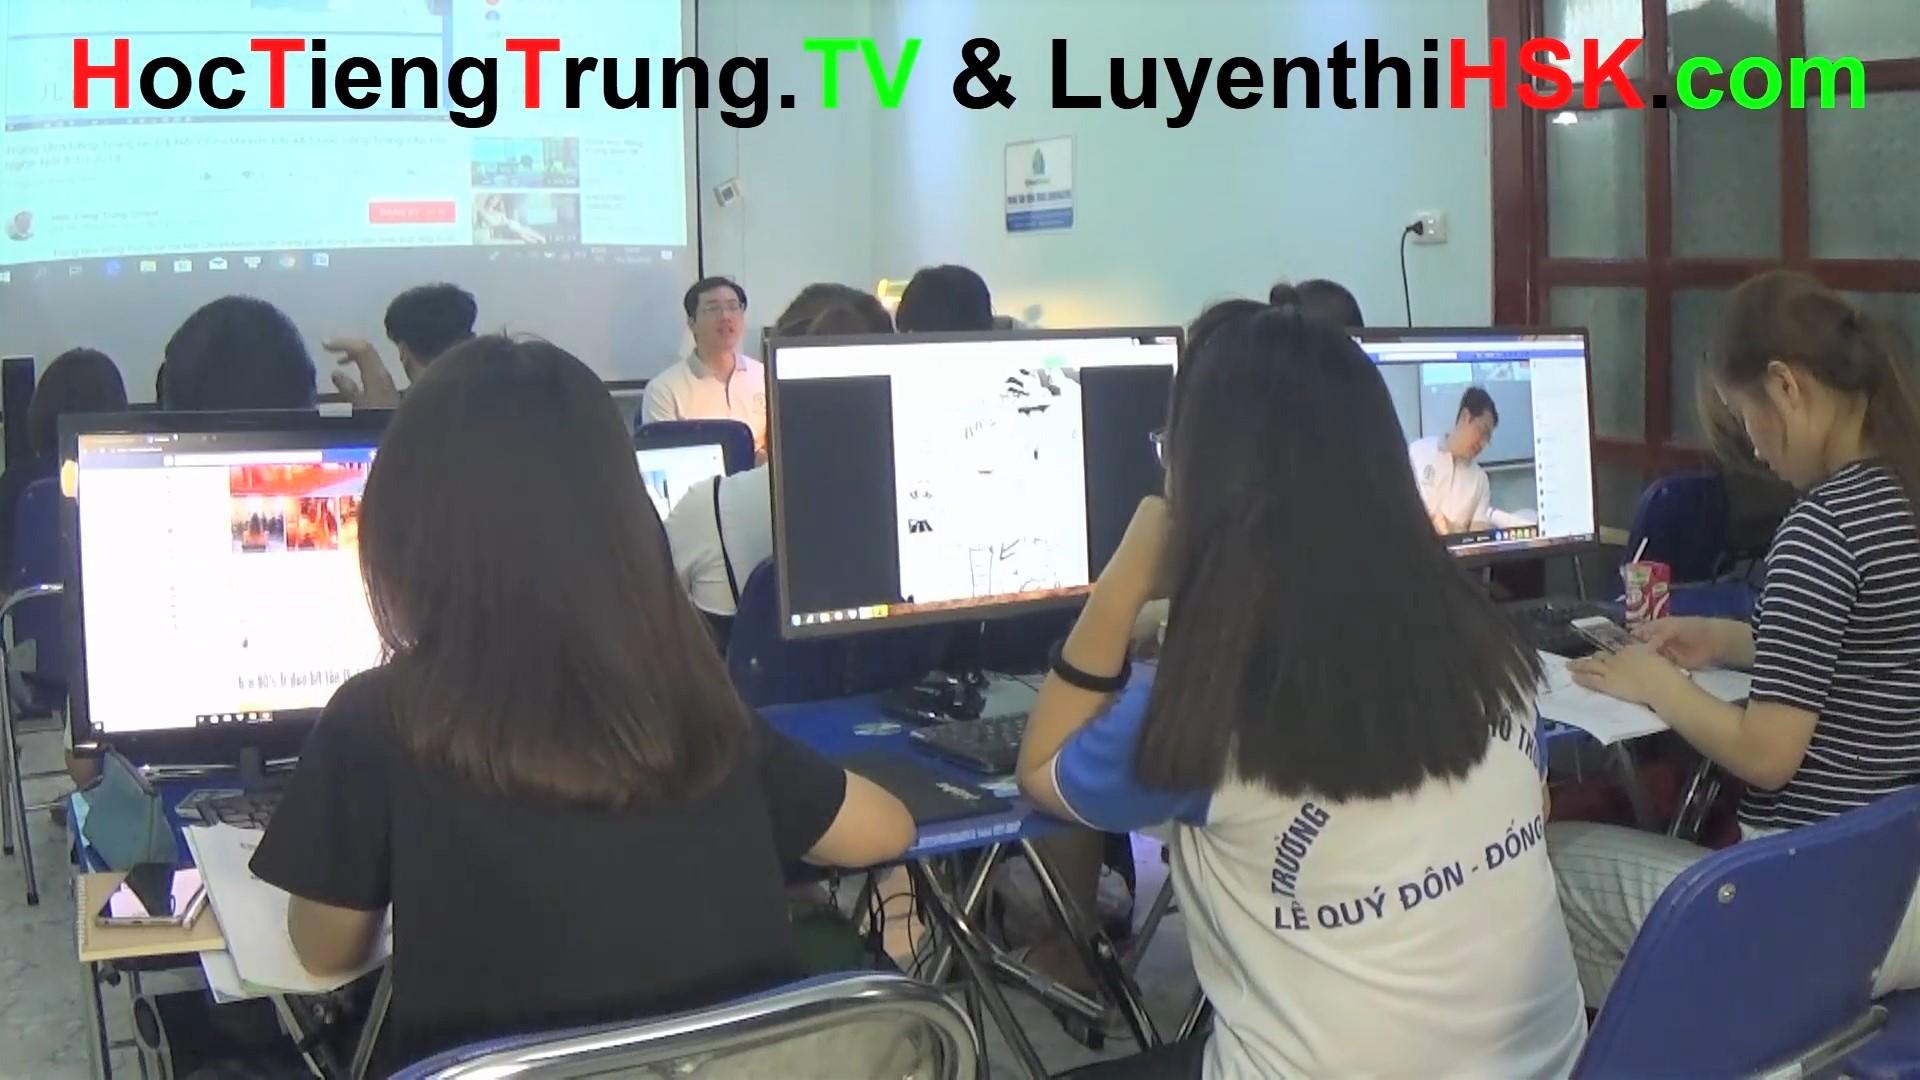 Học tiếng Trung online Thầy Vũ Trung tâm tiếng Trung ChineMaster 18